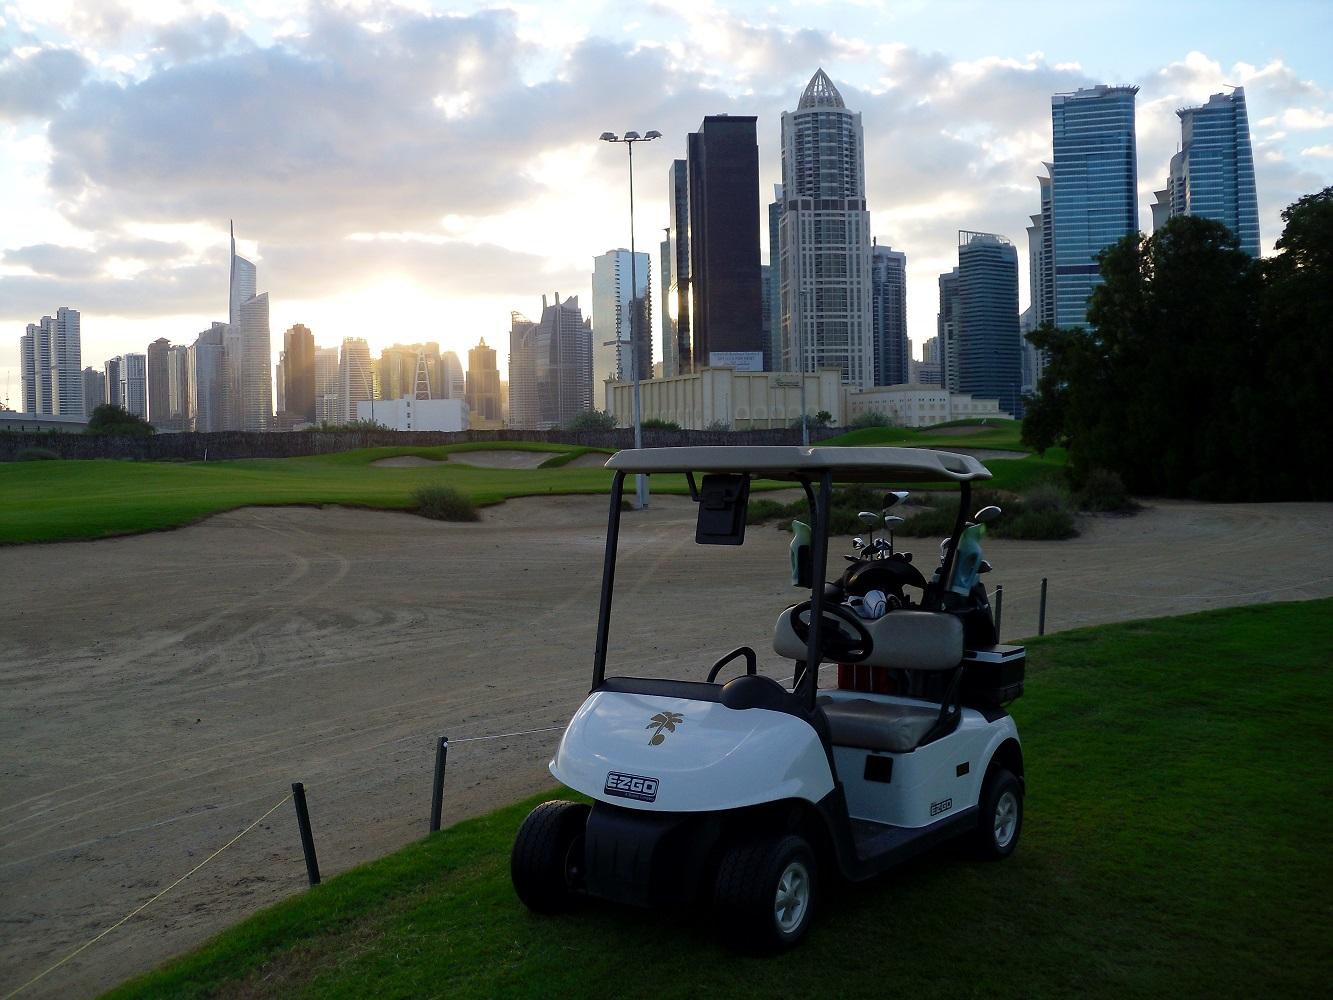 Beim Flutlichtgolfen kann man die beeindruckende Skyline Dubais im Hintergrund begutachten.